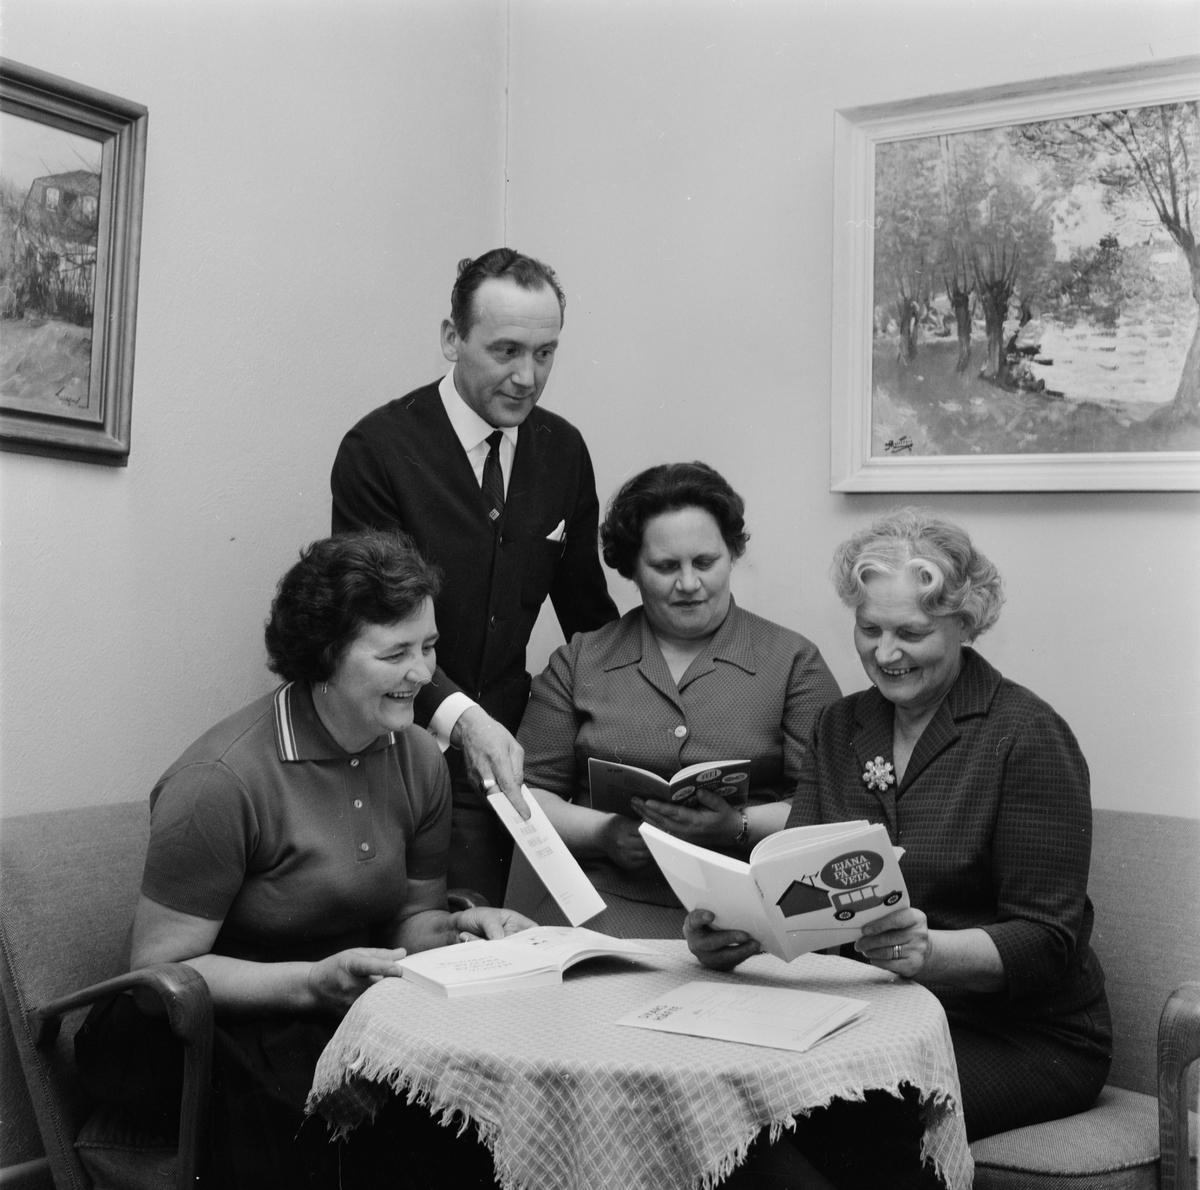 ABF-kurs, ledare Rune Johnsson, sannolikt Uppland 1964